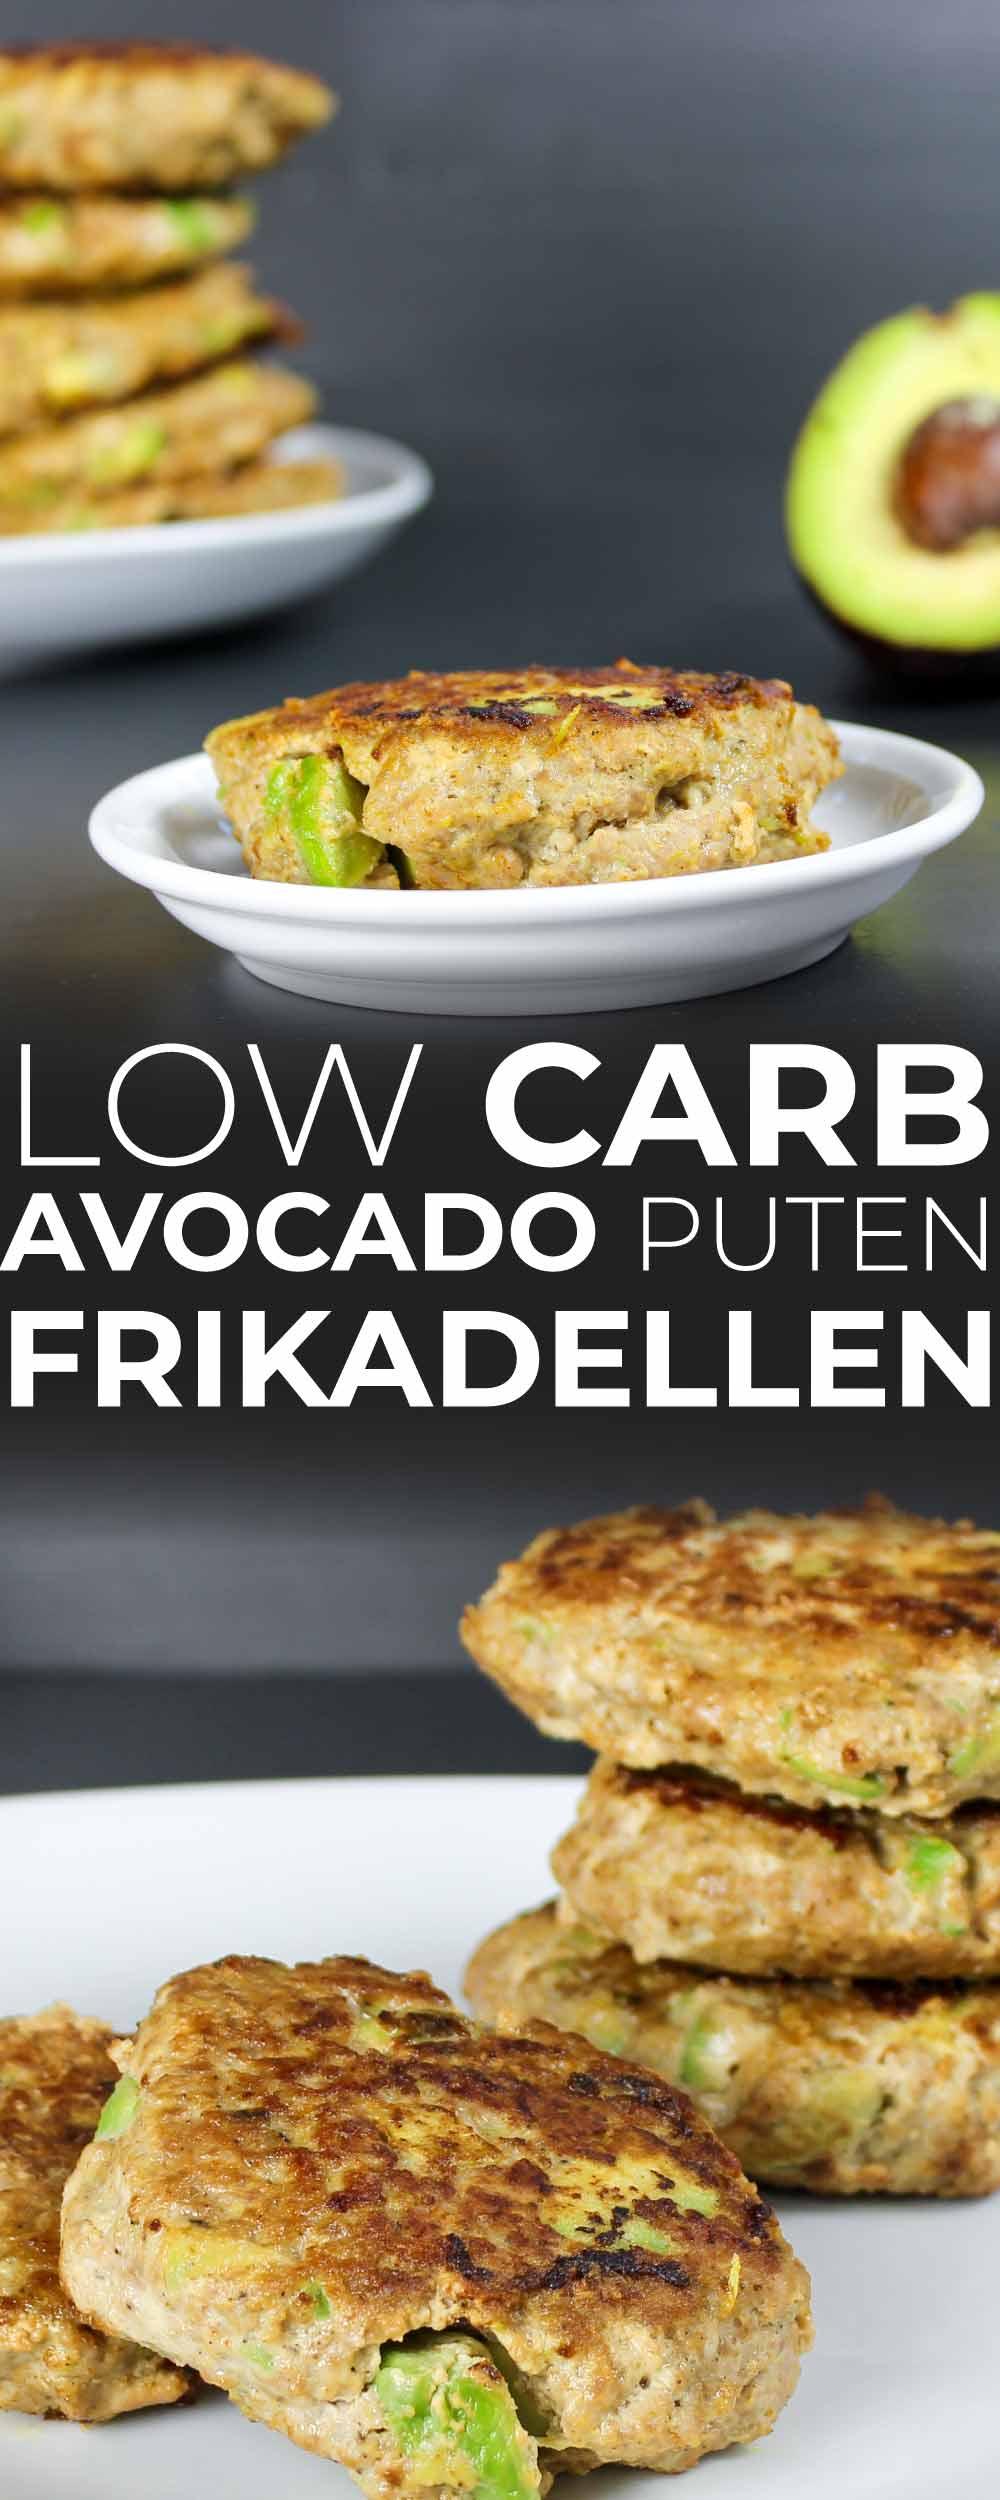 Low Carb Avocado Puten Frikadellen